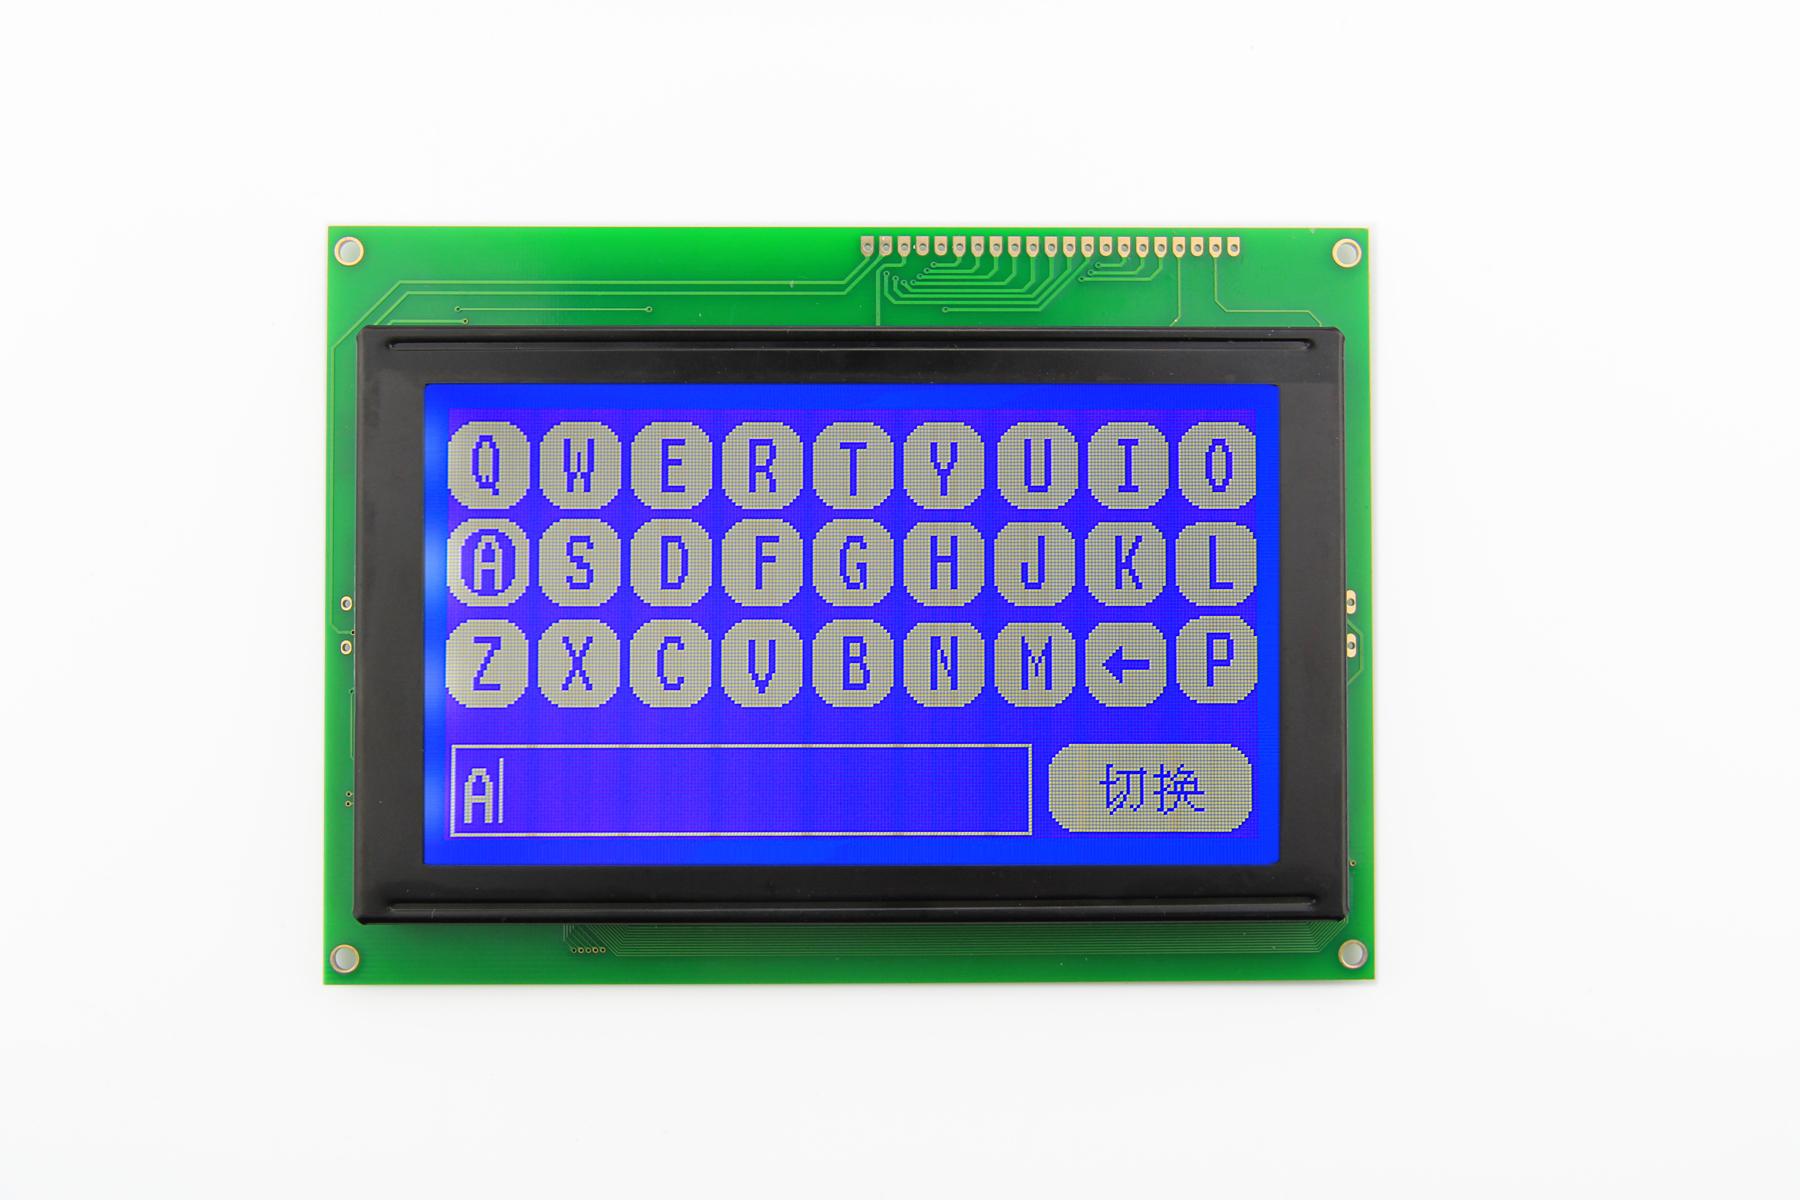 HTM240128A(蓝膜/负显)--最通用的显示八行每行十五个汉字的图形点阵模组